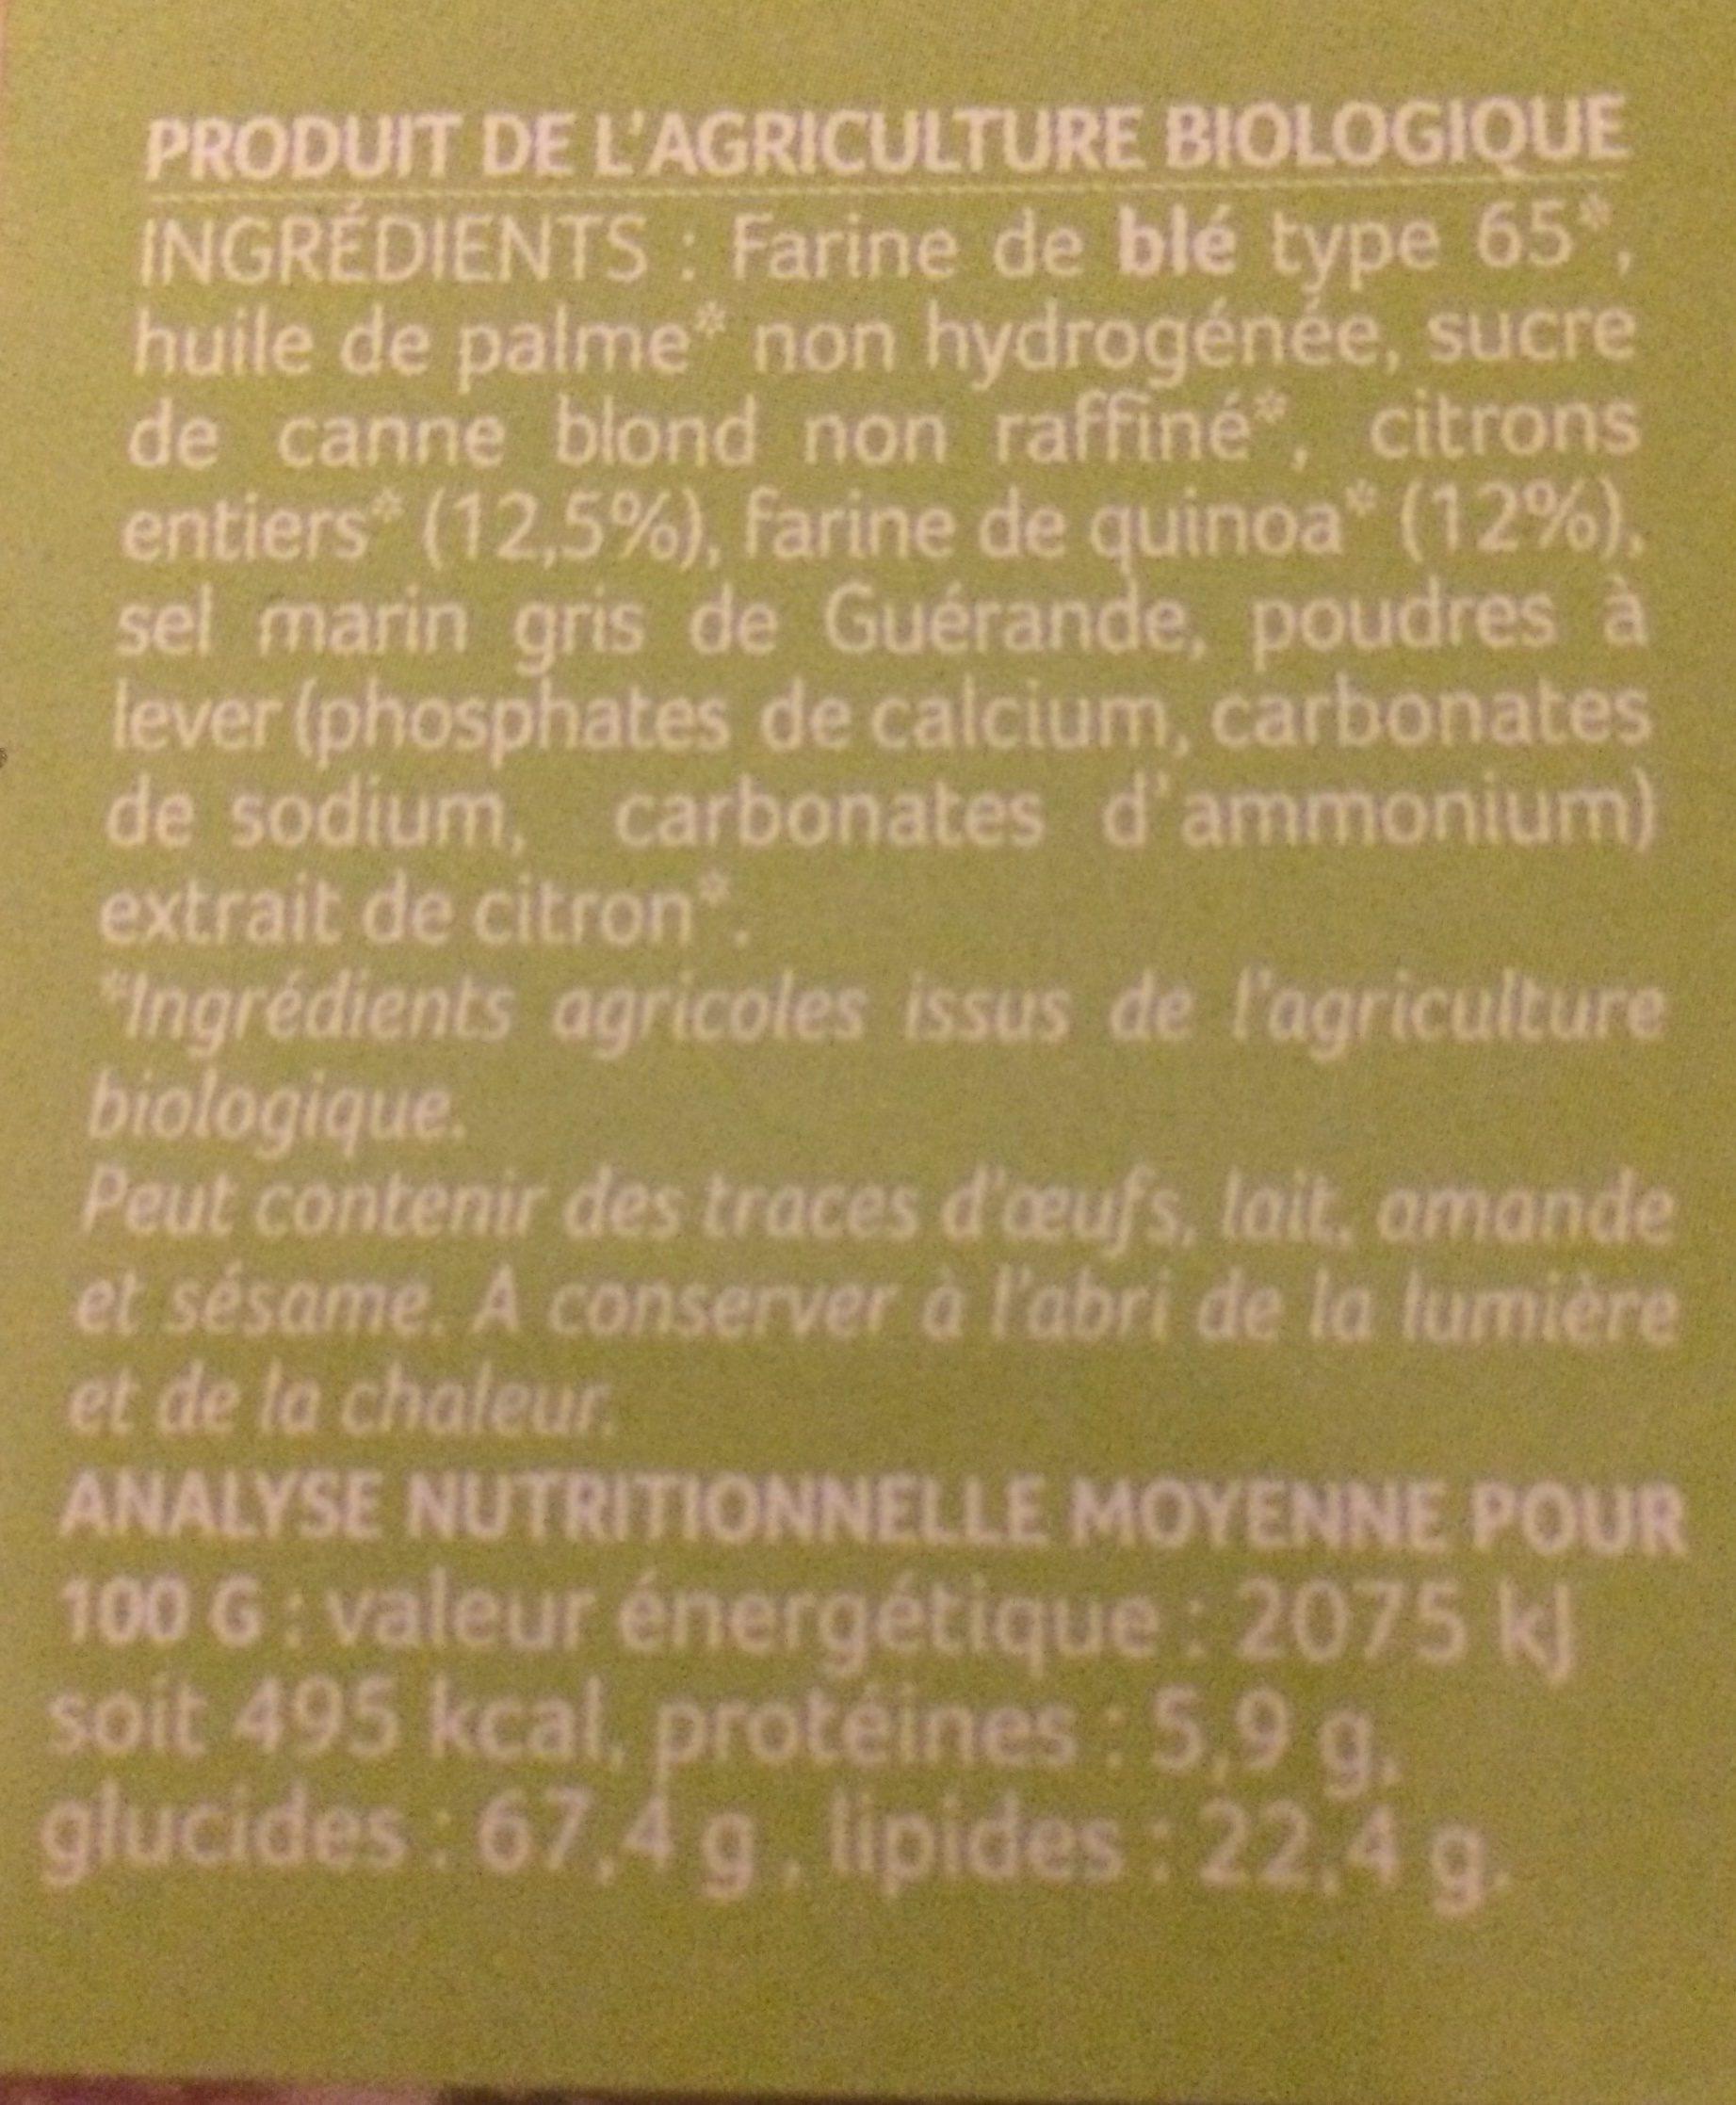 Sablés quinoa et citron - Ingrédients - fr